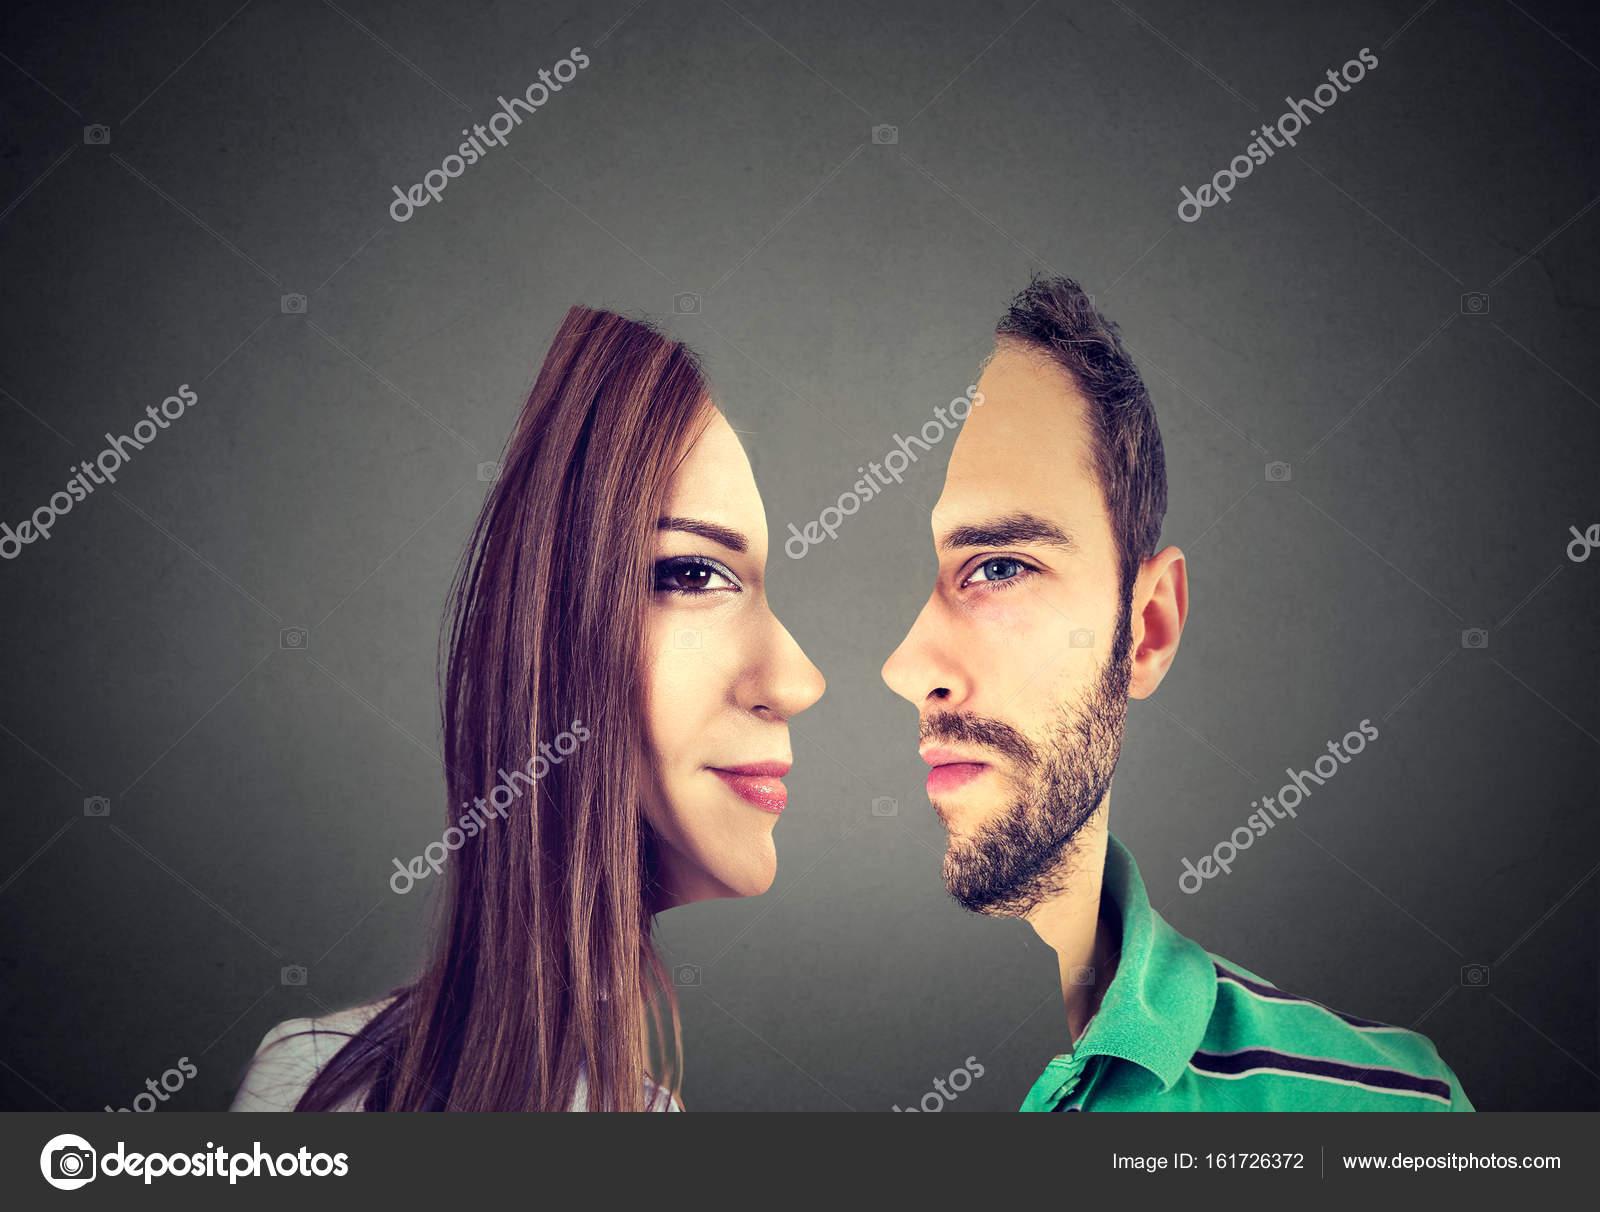 Τι σημαίνει όταν ένας τύπος που τα ραντεβού σου σε συστήνει στους φίλους του